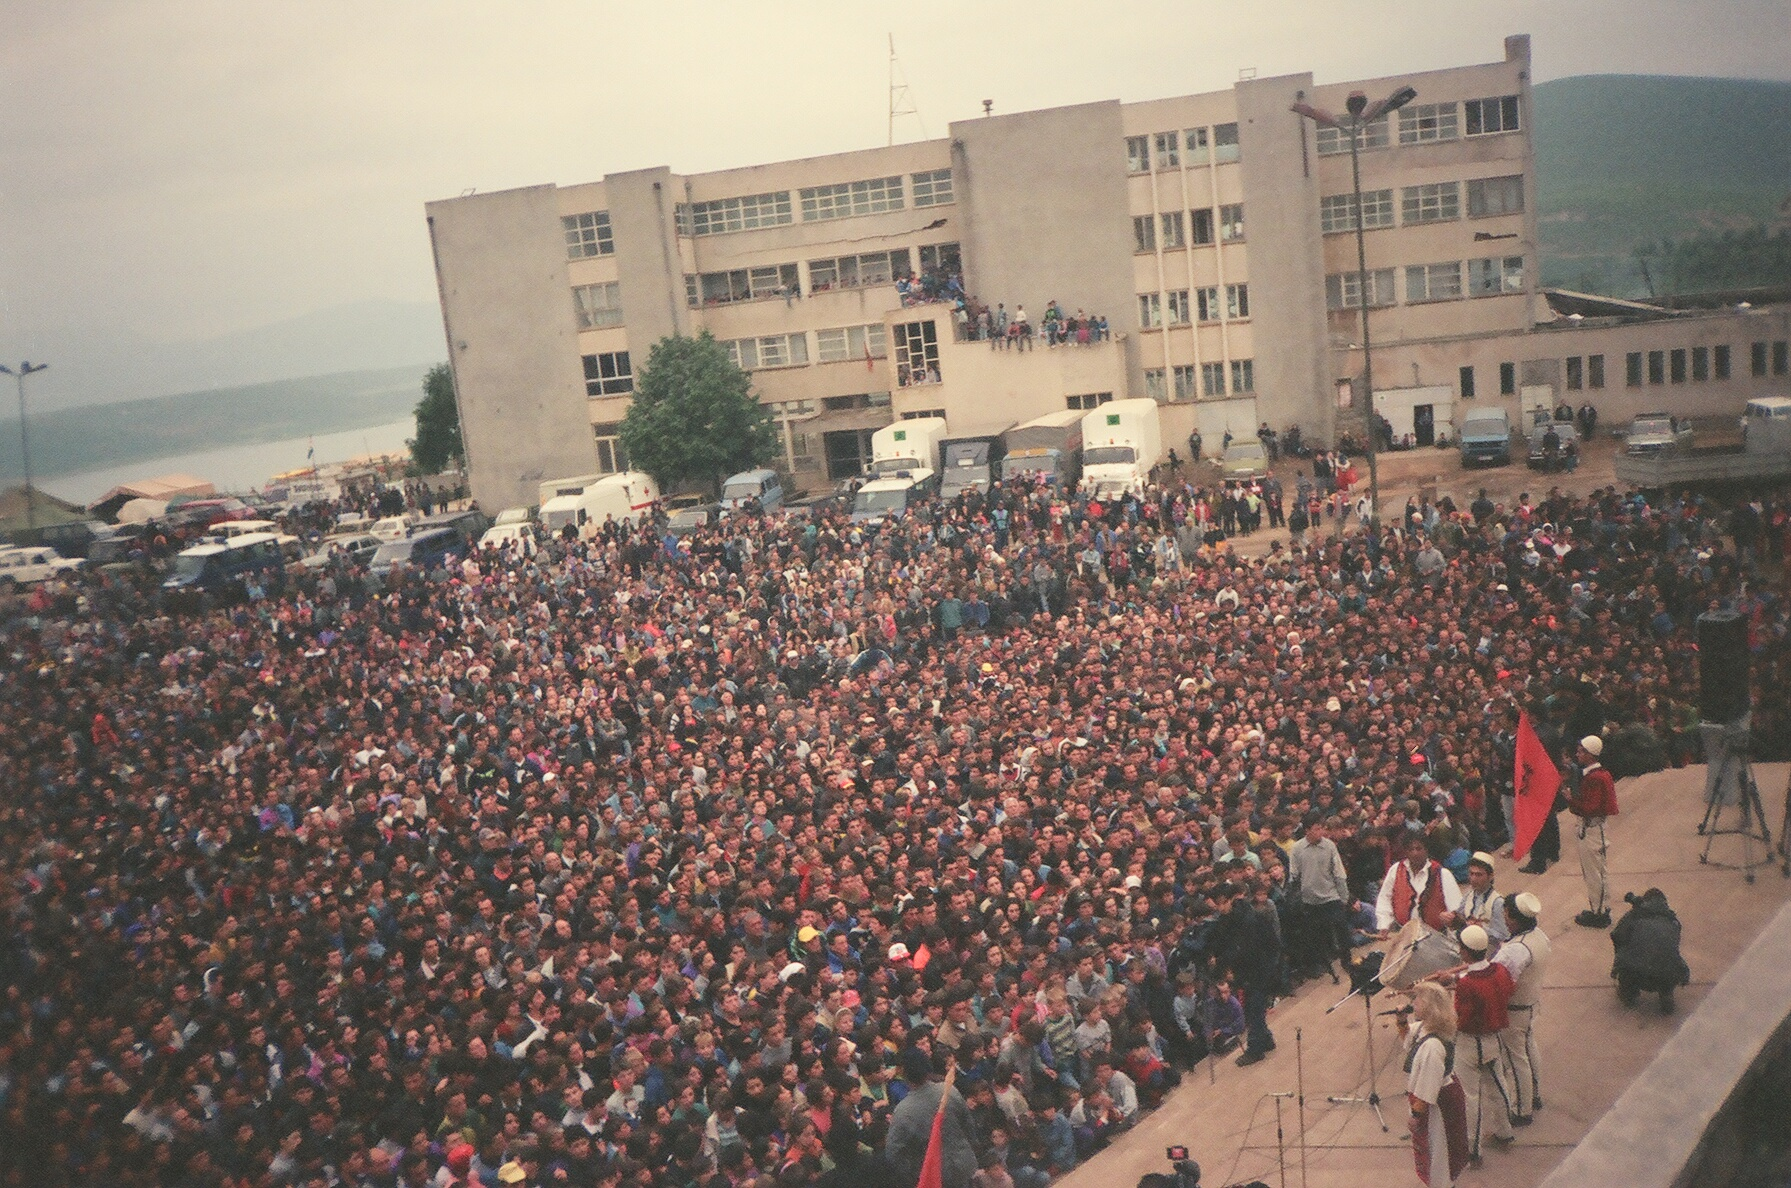 20 vjet nga eksodi, mijëra kosovarë shkojnë në Kukës